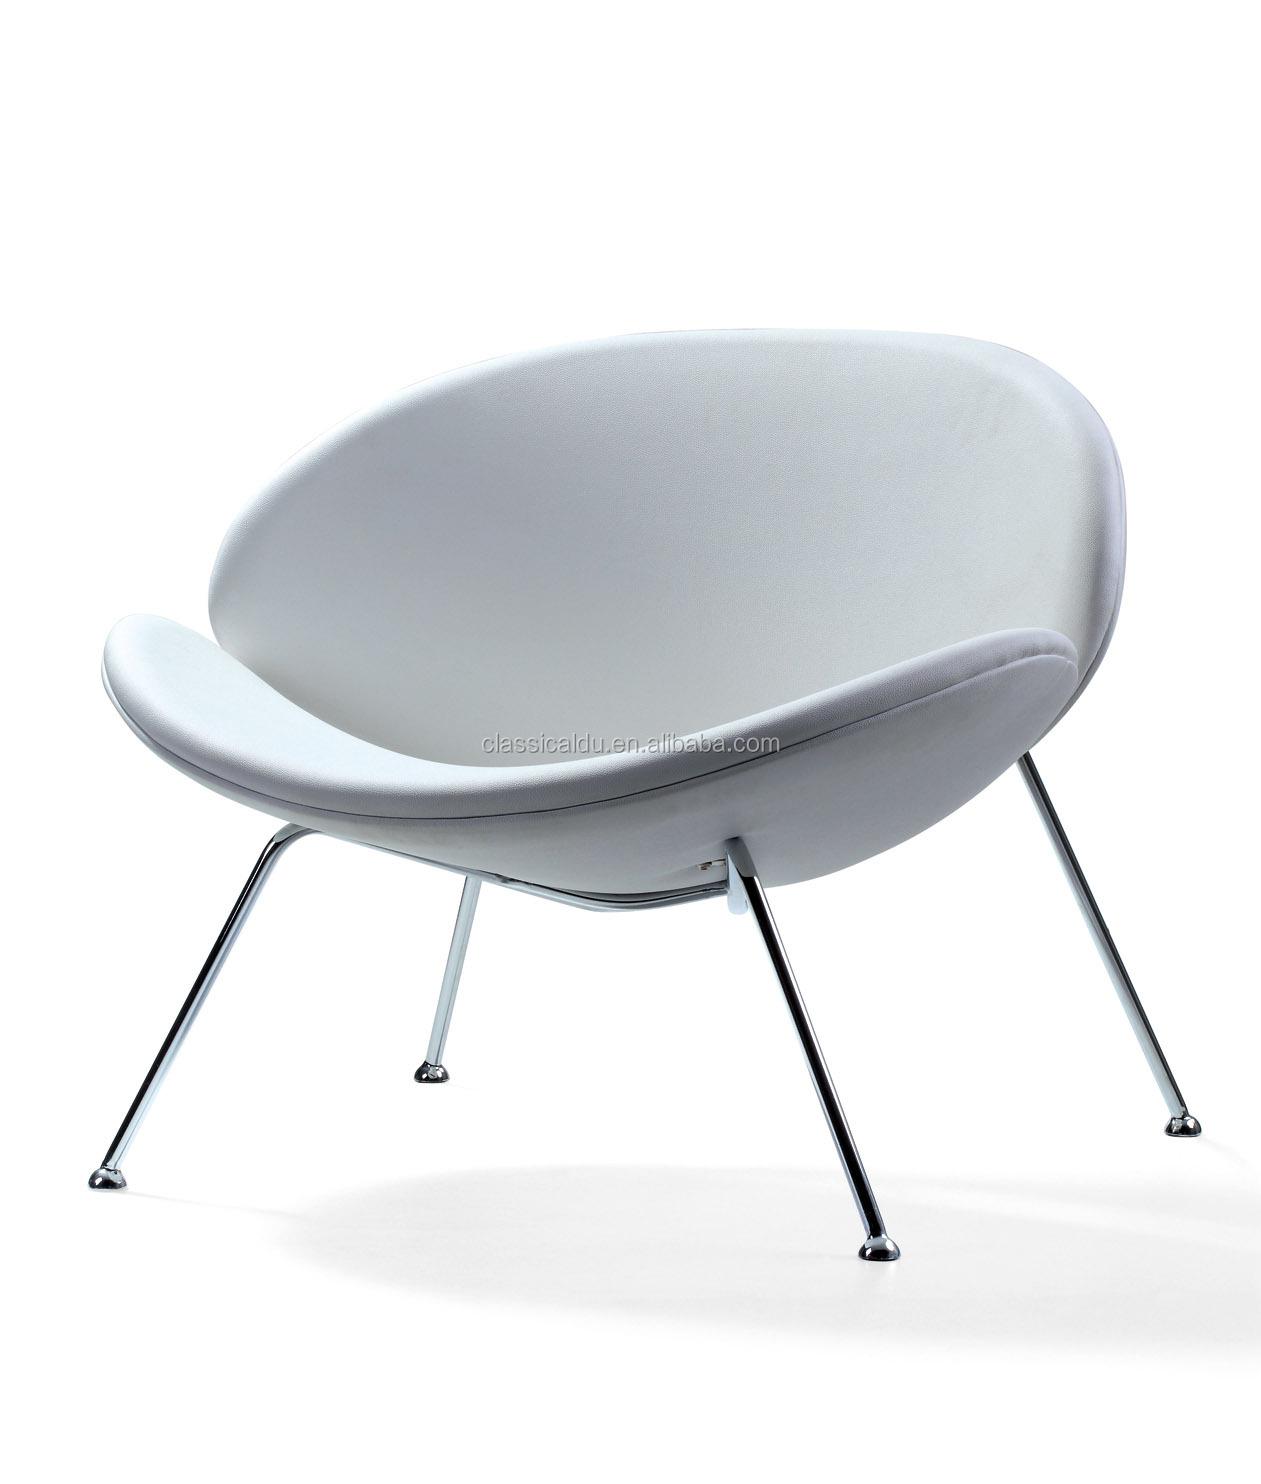 Goedkope Stoelen Woonkamer: Hippe eetkamer stoelen met een ...